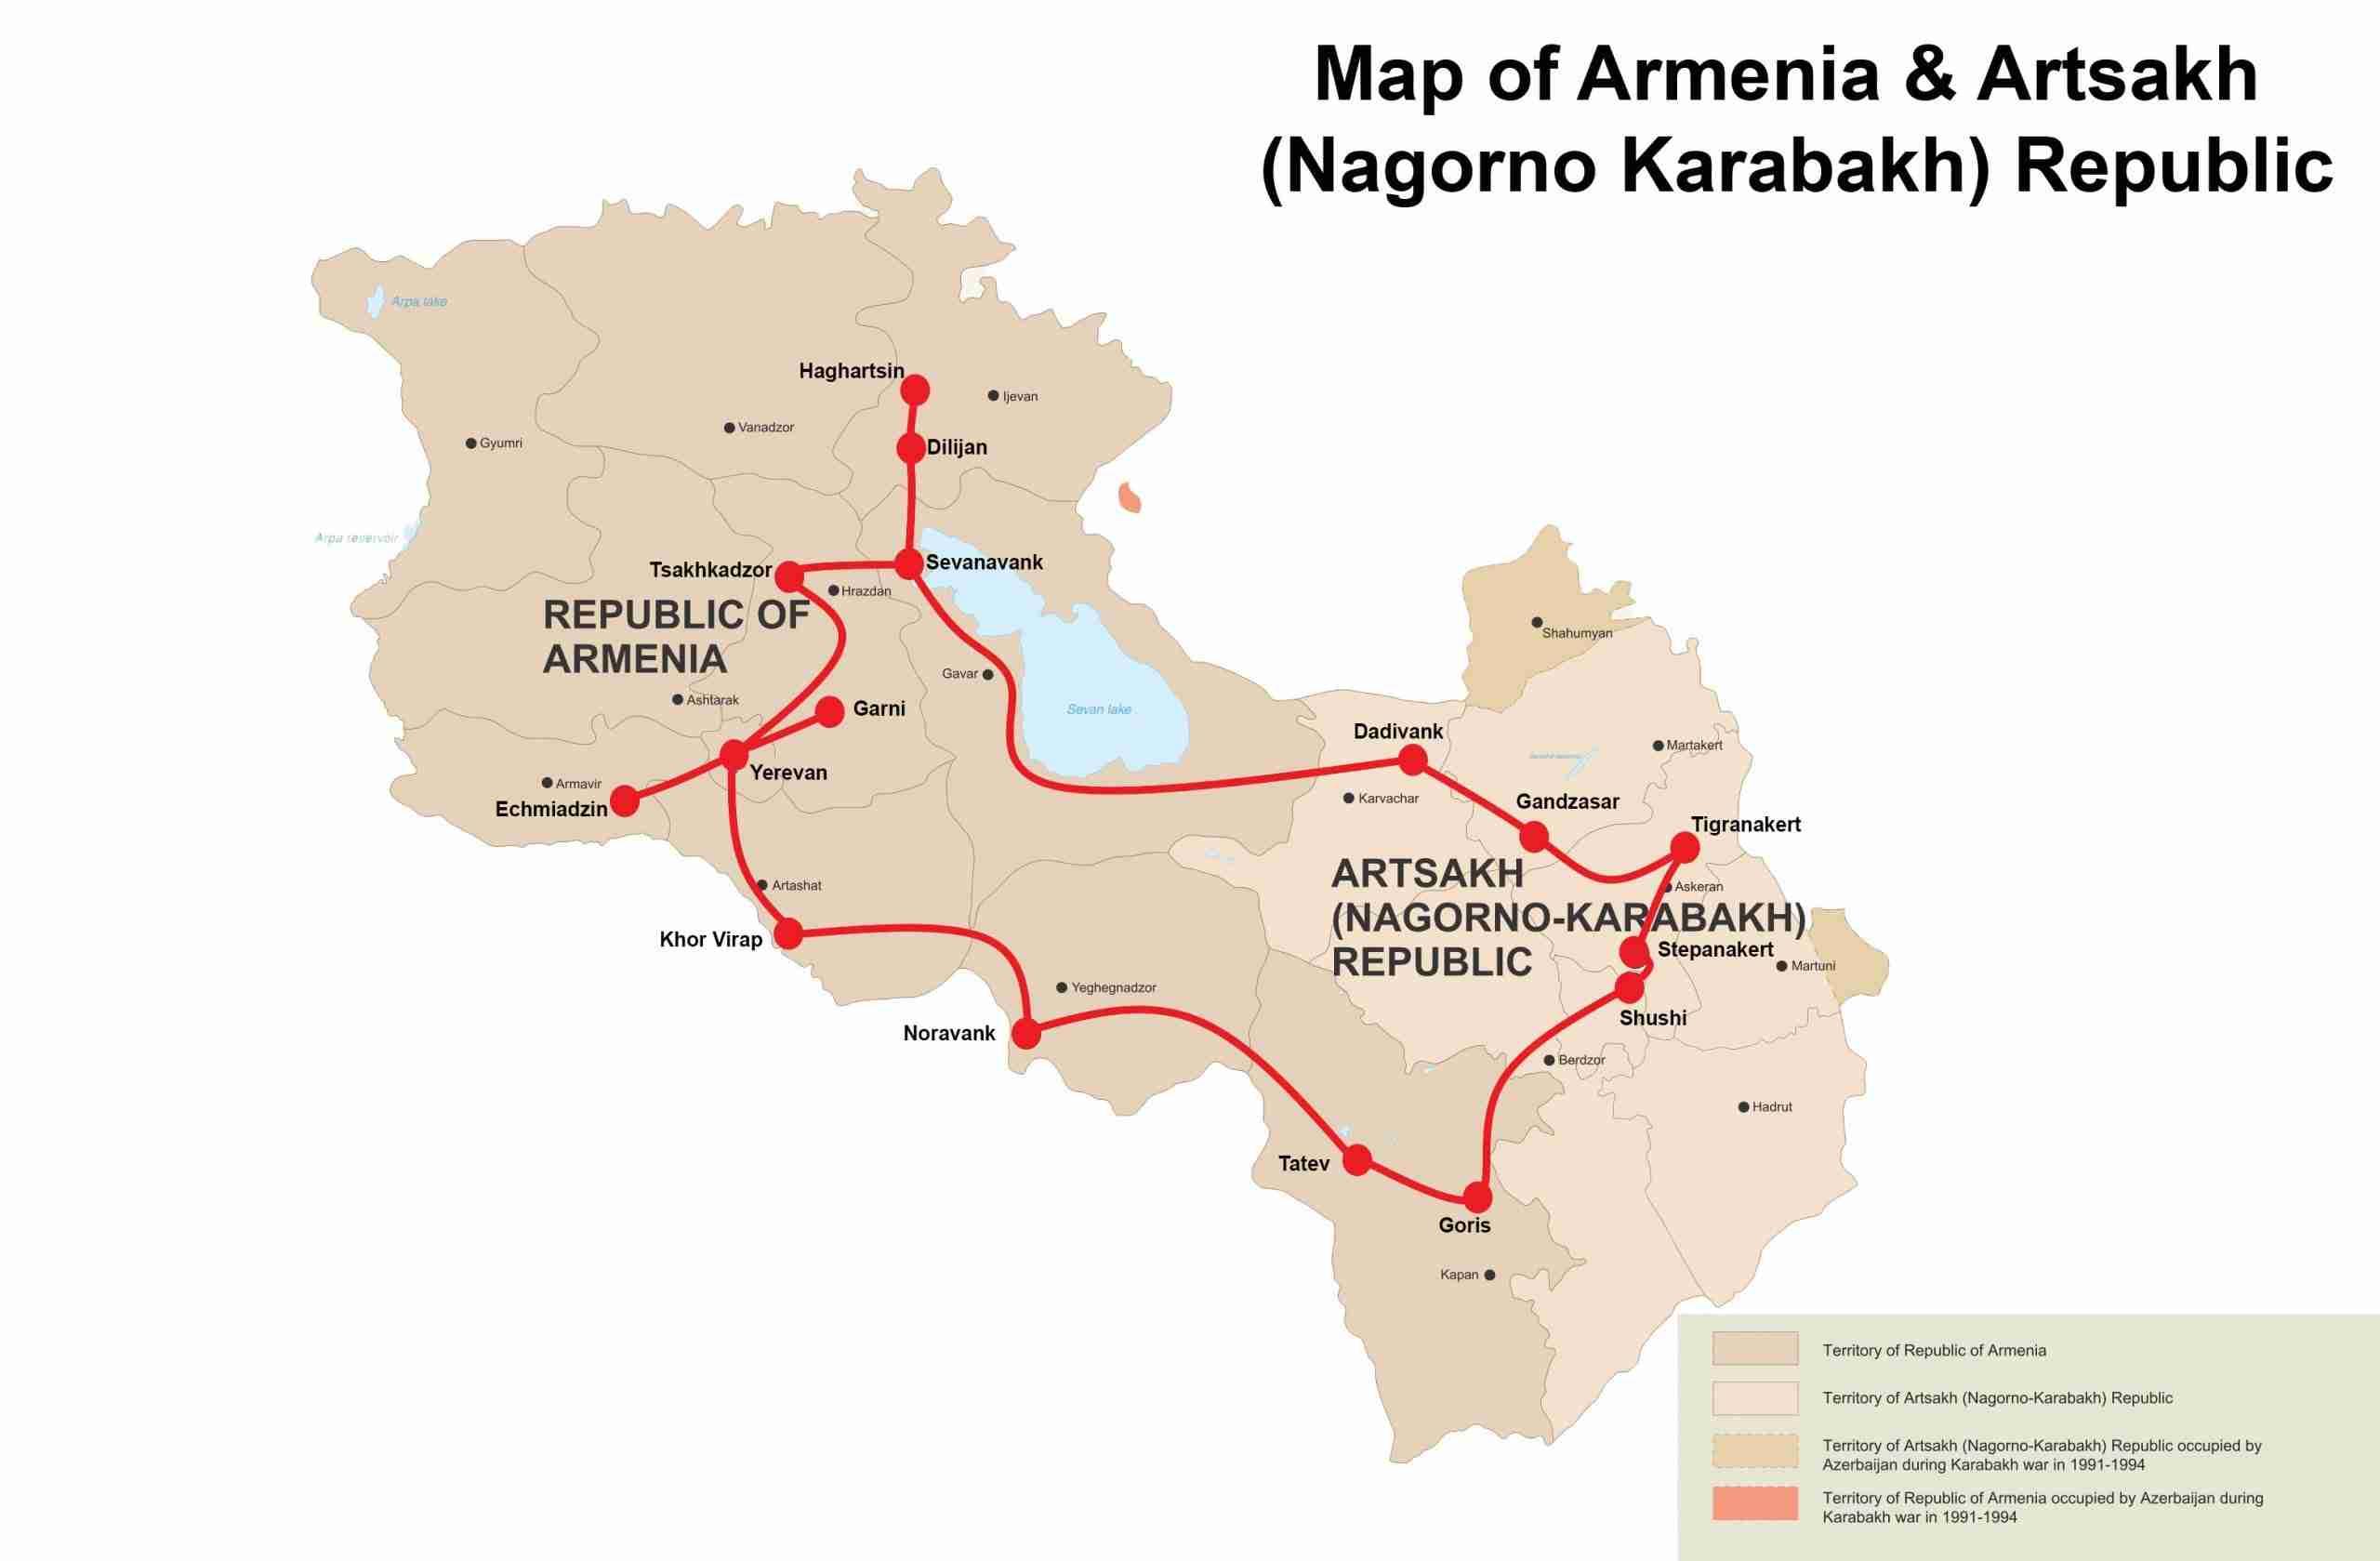 Tour to Armenia & Karabakh